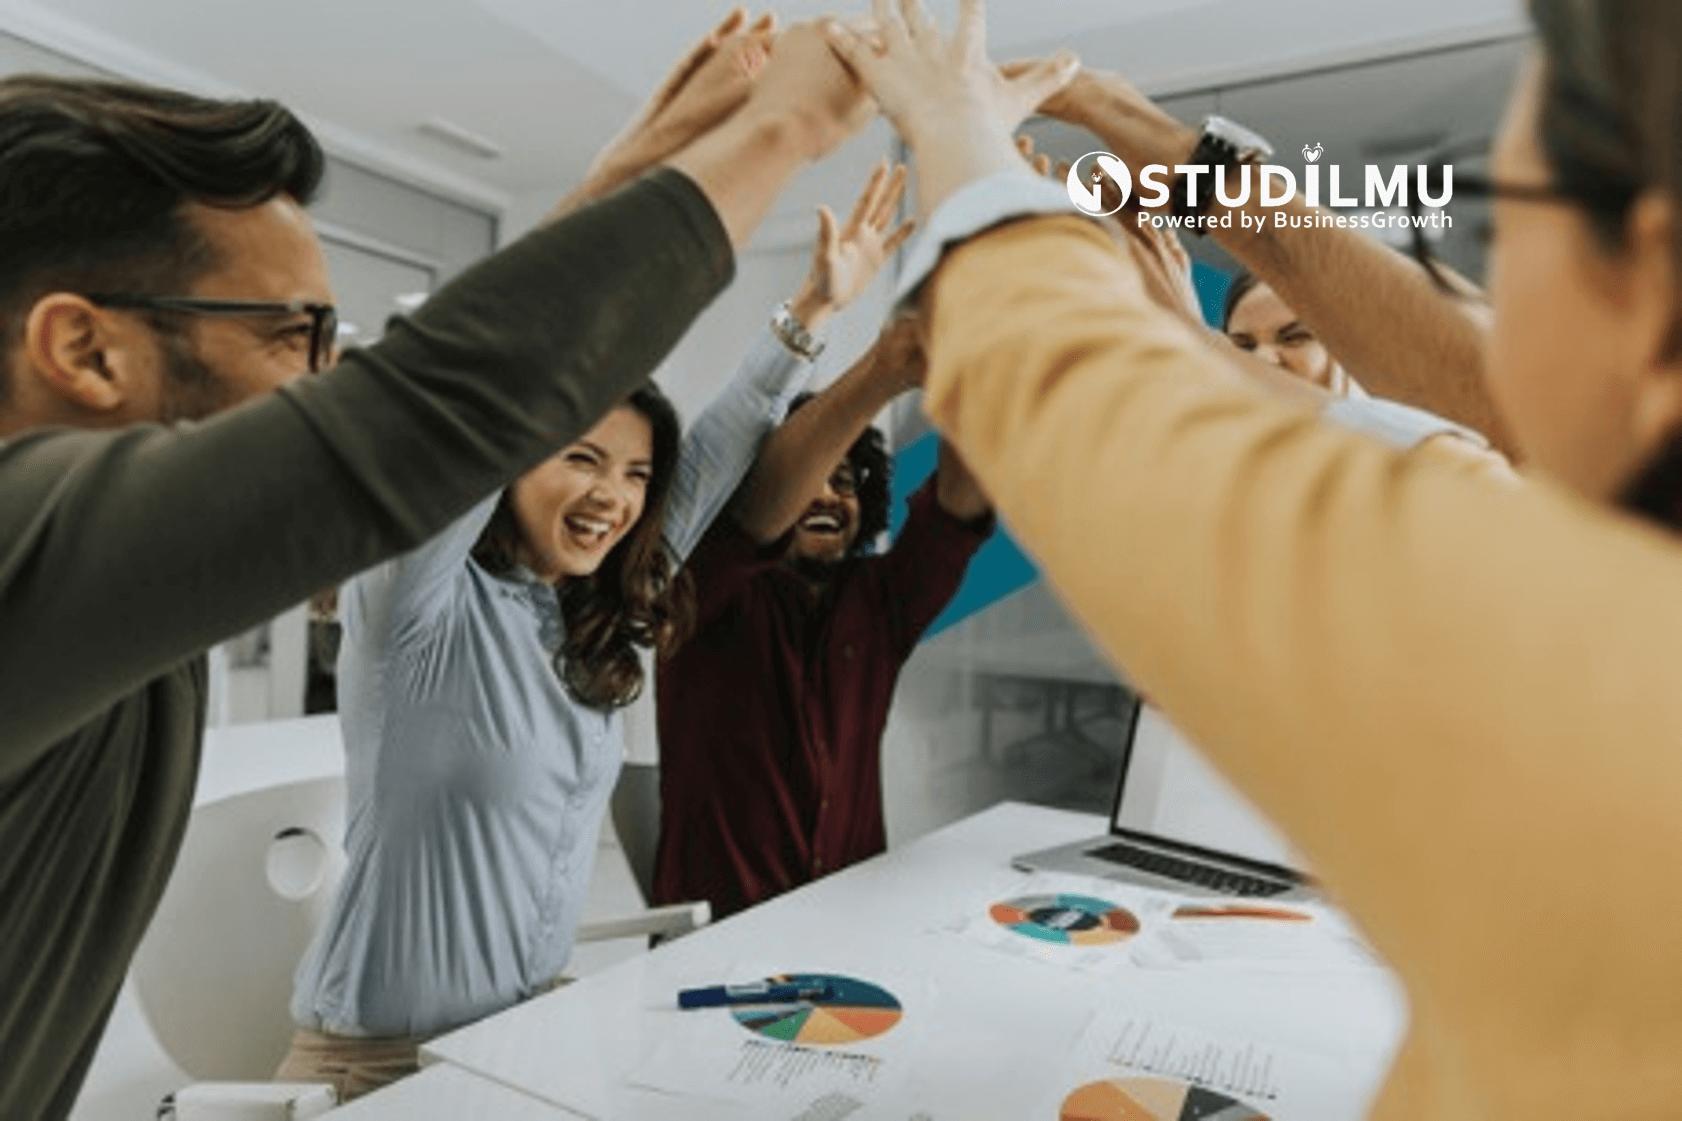 STUDILMU Career Advice - 5 Rahasia Hebat Untuk Memecahkan Krisis Employee Engagement